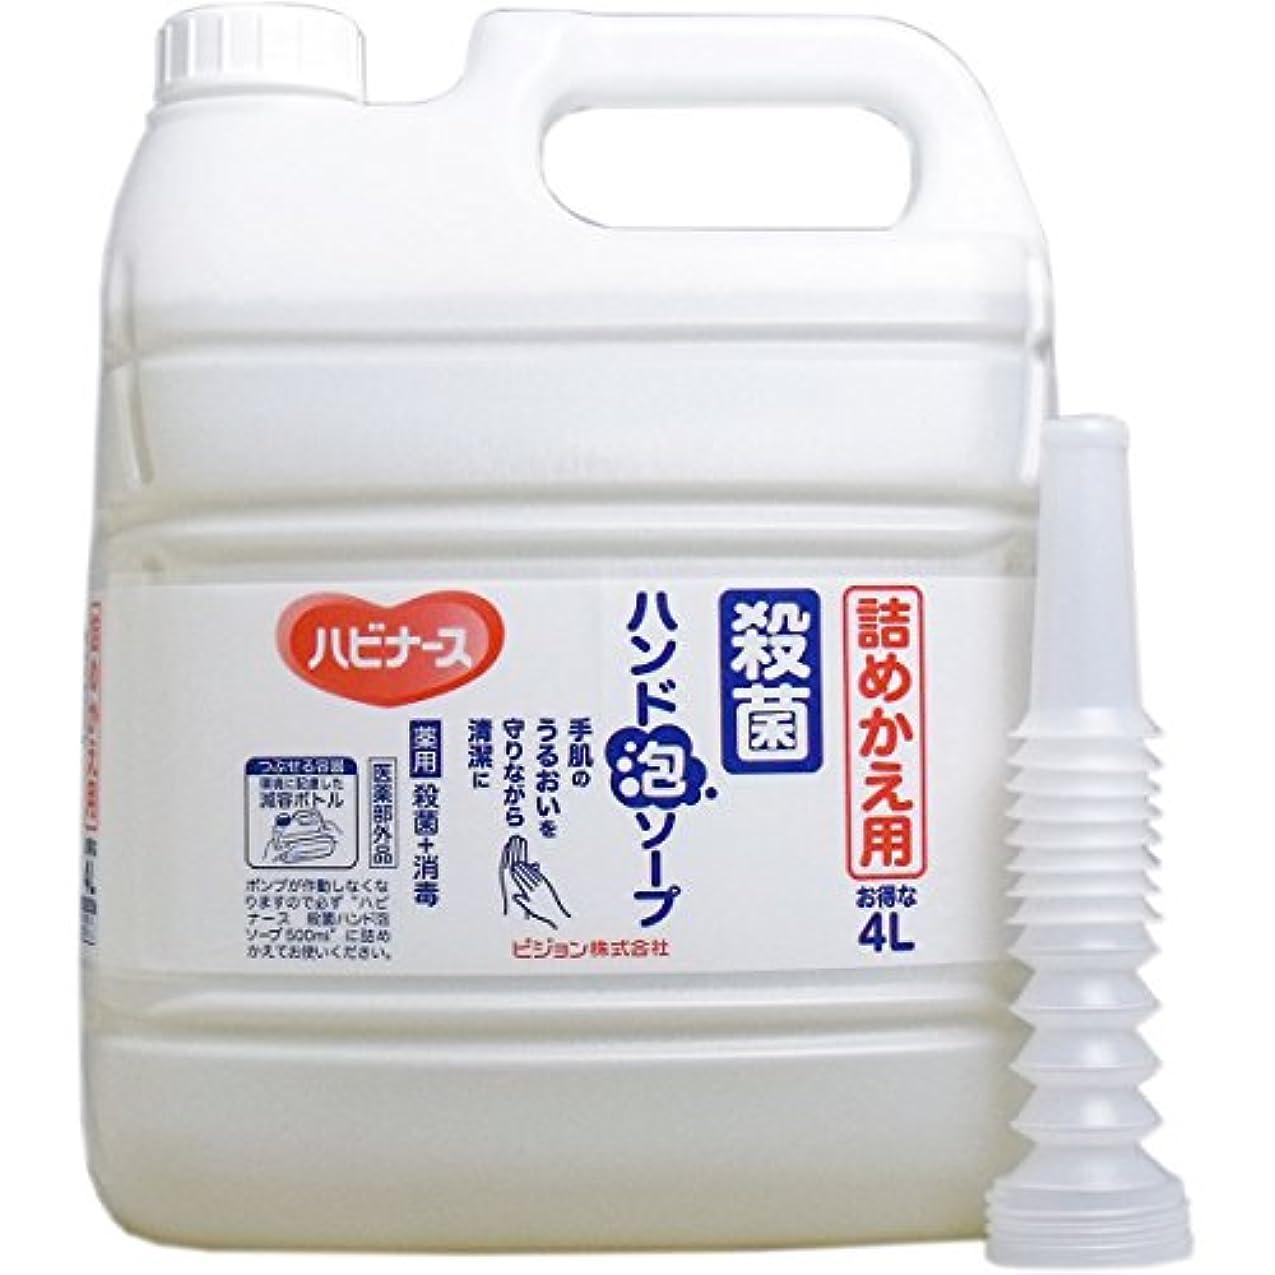 気分が悪いスリンク想像力ピジョン ハビナース 殺菌ハンド泡ソープ 詰替用 4L